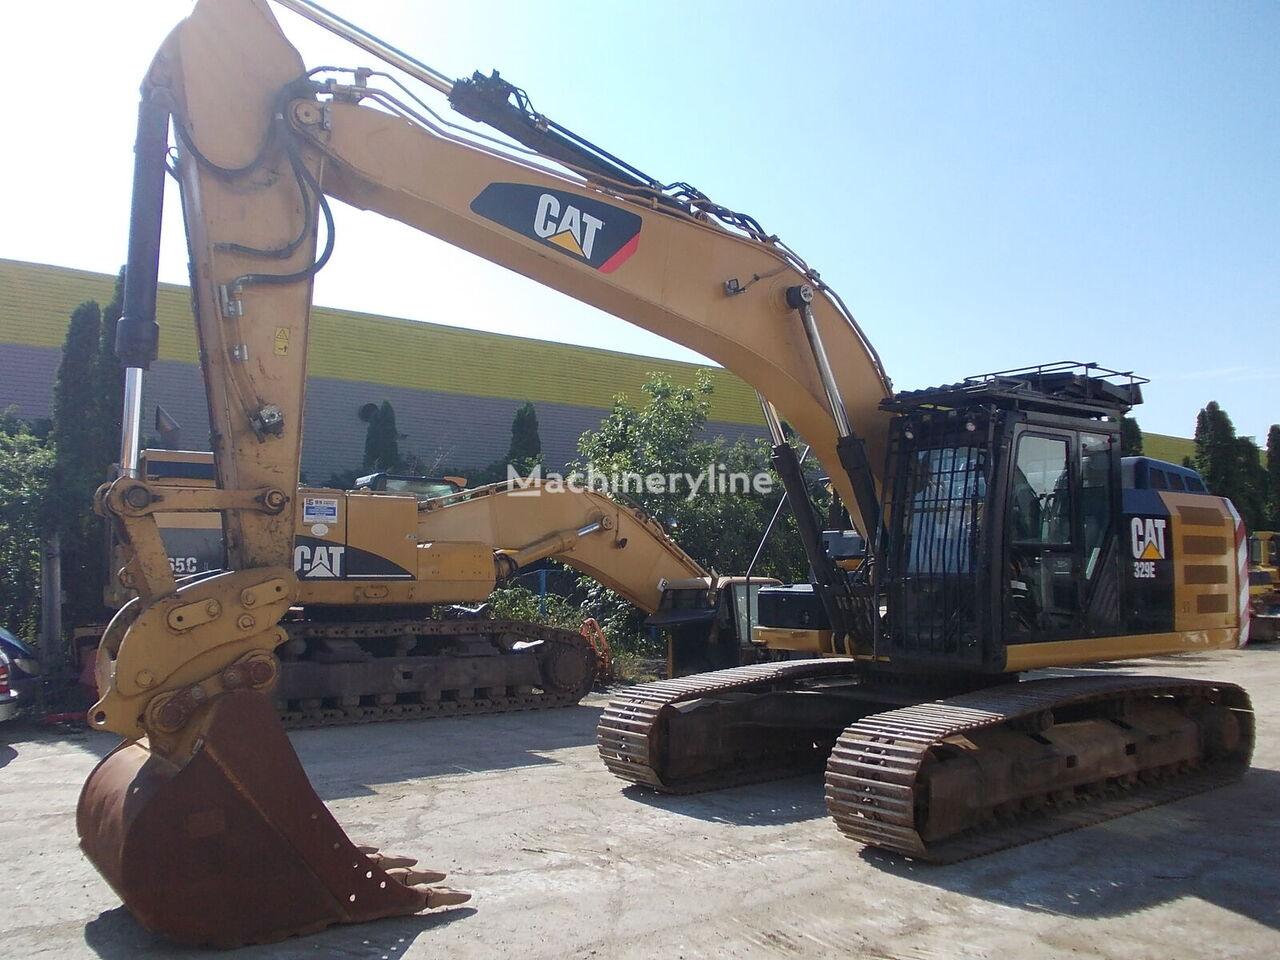 CATERPILLAR 329EL excavadora de cadenas